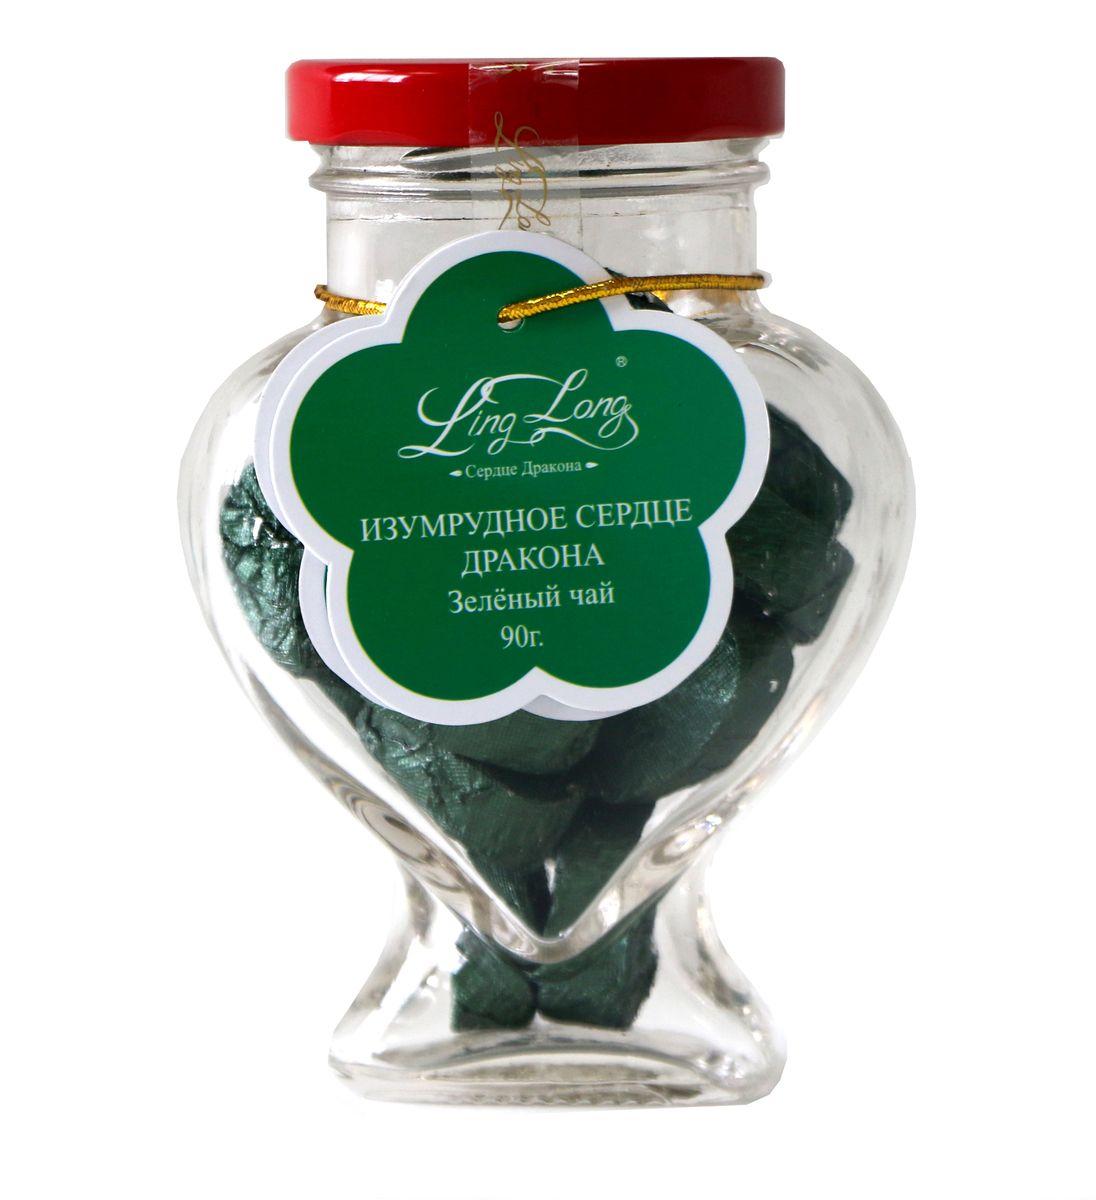 Ling Long Изумрудное сердце дракона зеленый листовой чай, 90 г (стеклянная банка) цена